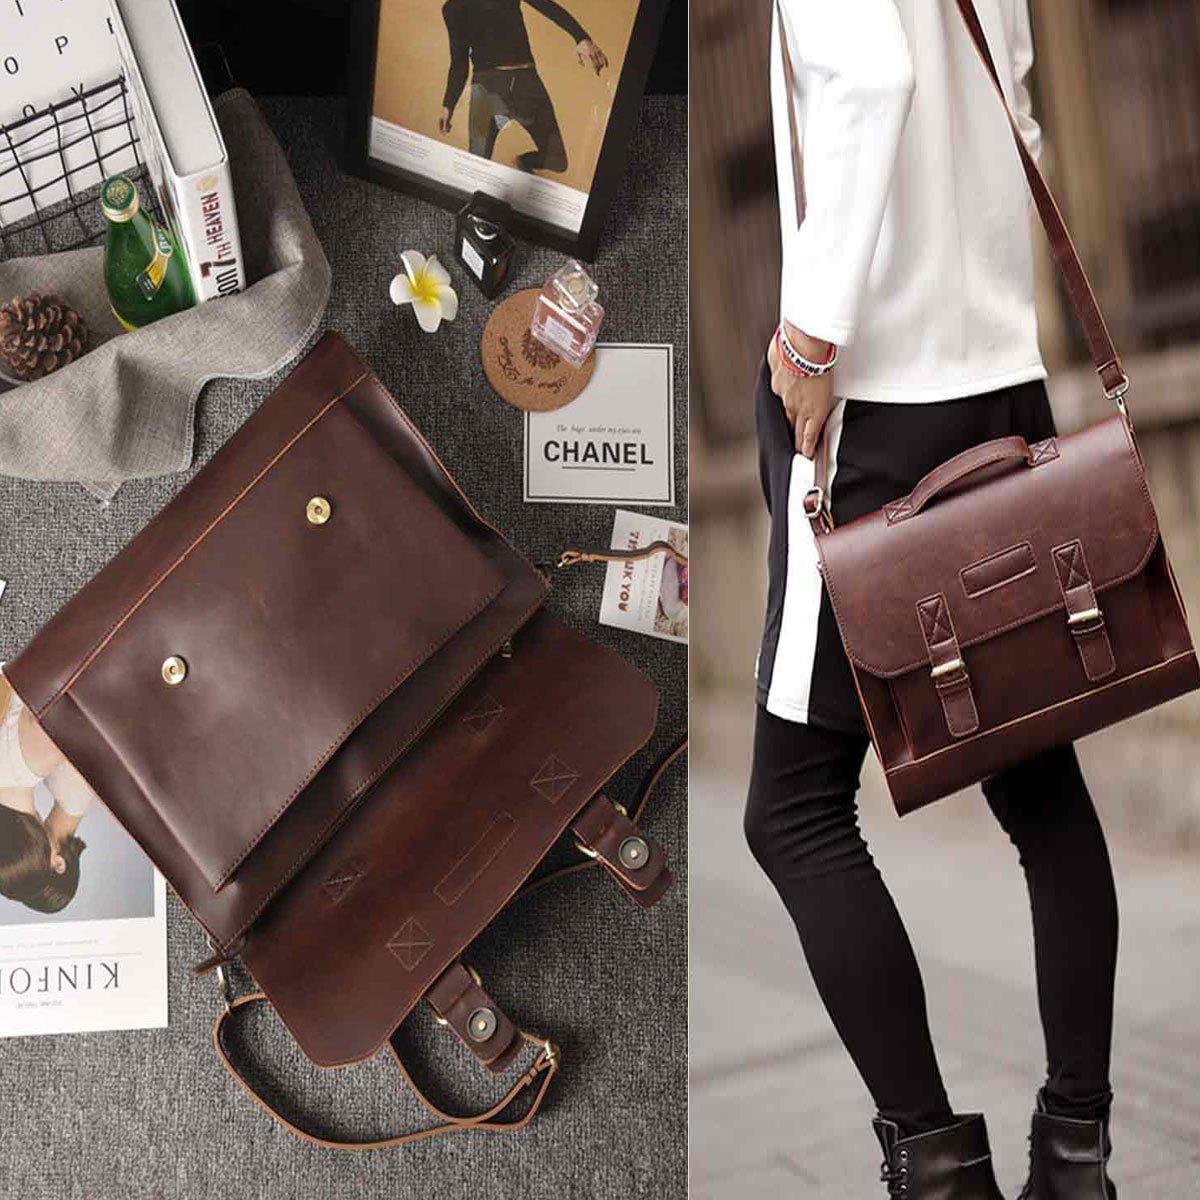 a5d59d8456a54 JAKAGO männer frauen Leder Aktentasche Satchel Schultasche Business Laptop-tasche  Crossbody Umhängetasche Messenger Bags (braun)  Amazon.de  Schuhe   ...